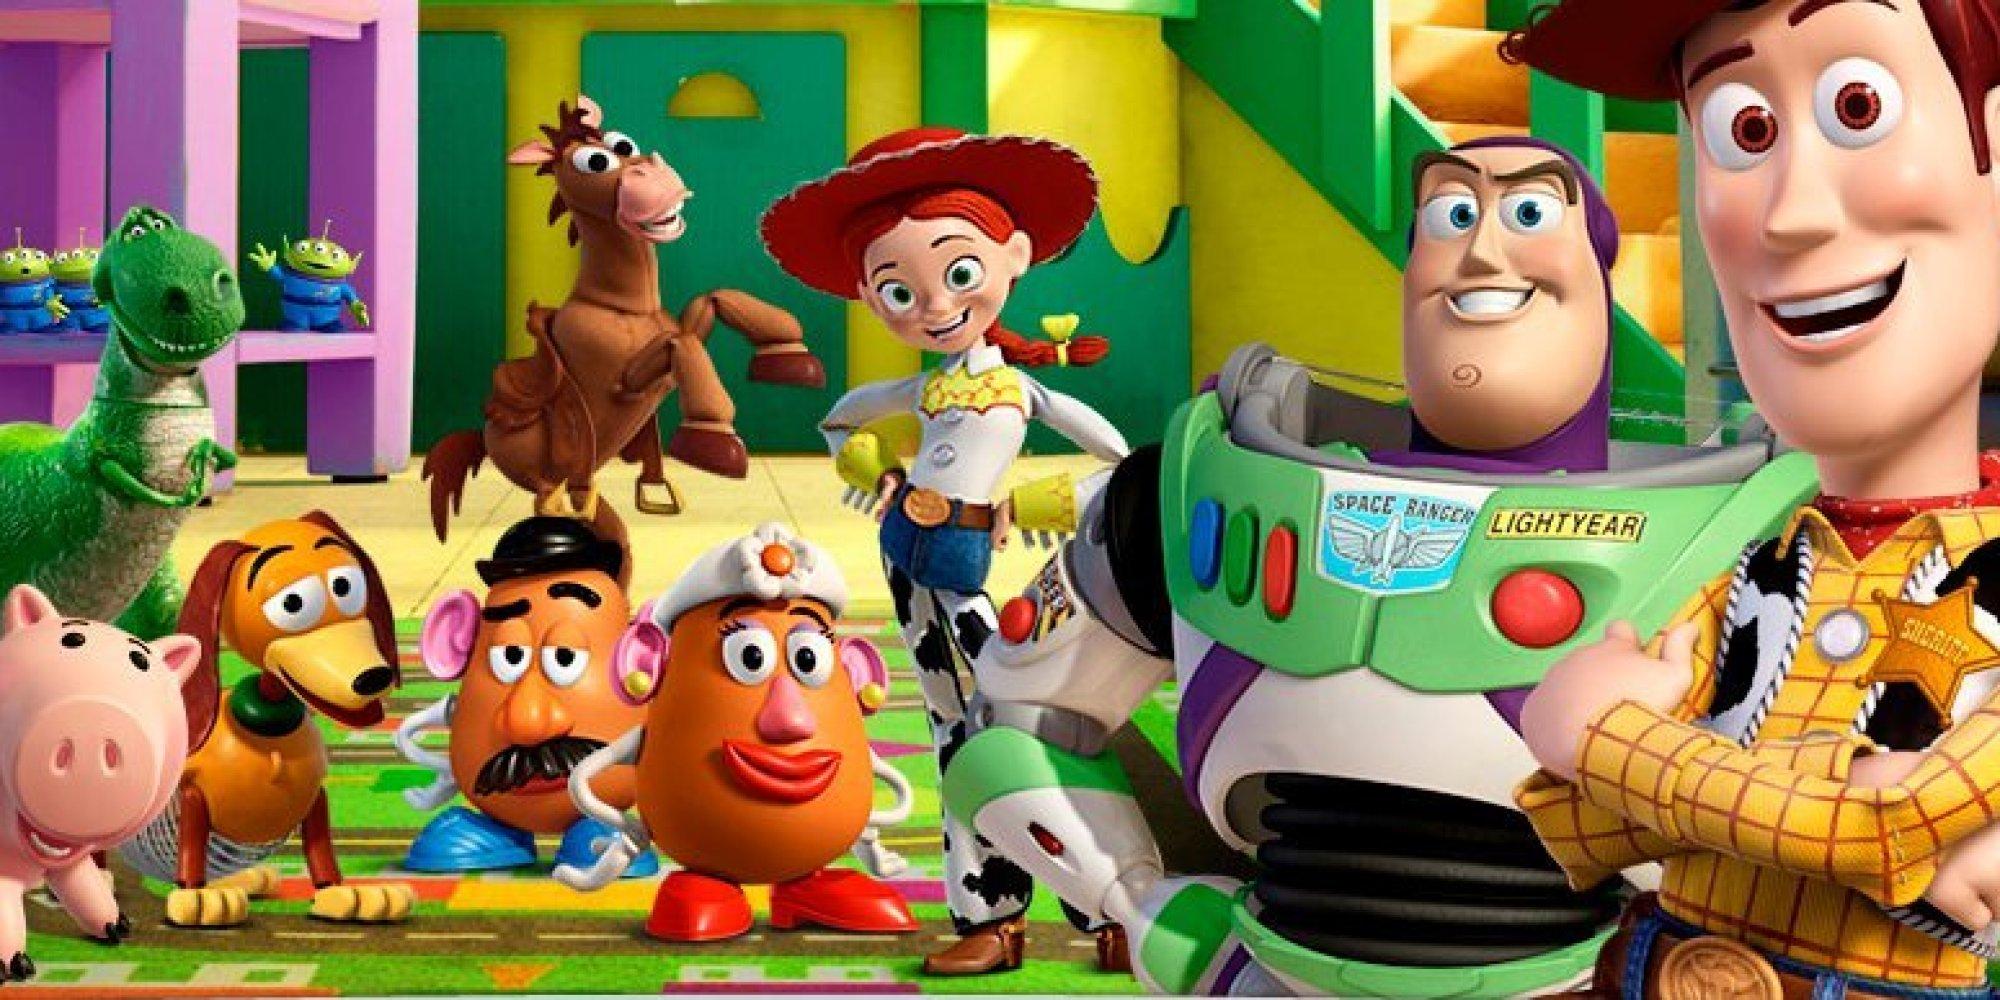 Wallpaper For Iphone X App Toy Story 4 La Nueva Pel 237 Cula De Pixar Se Estrenar 225 En